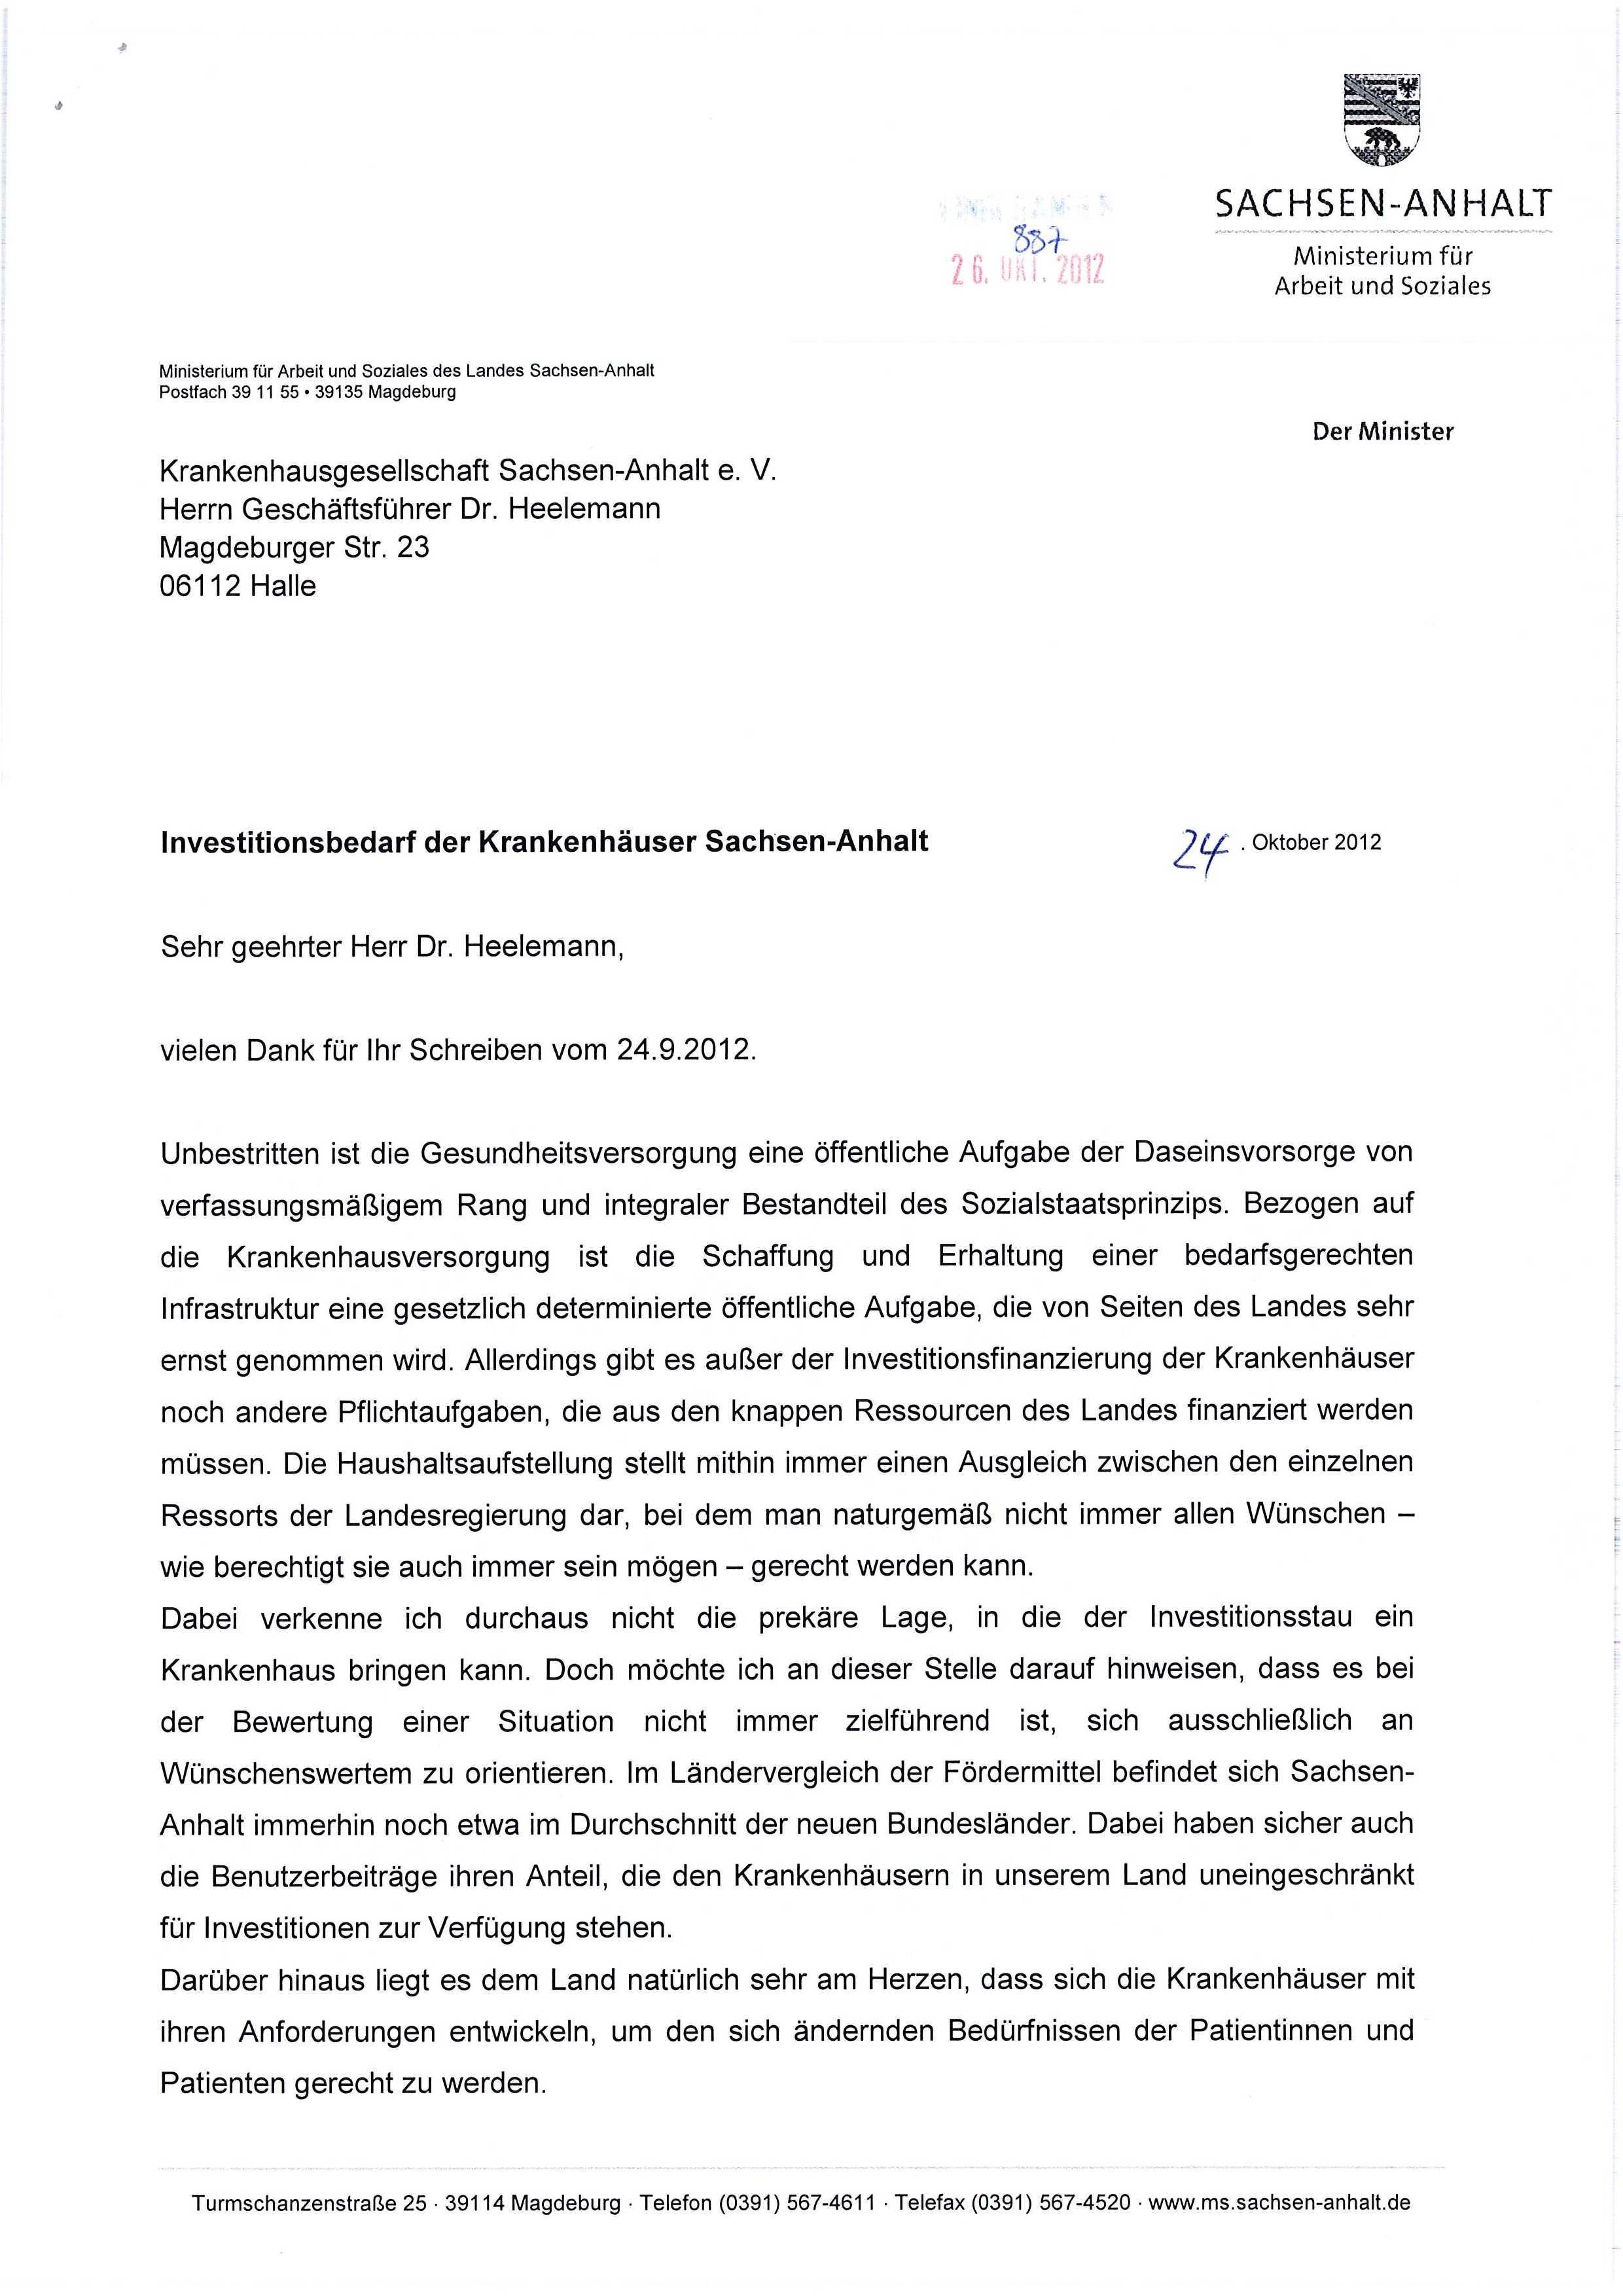 Ministerbrief Antwort Bischoff Investitinsstau 102012_1.jpg